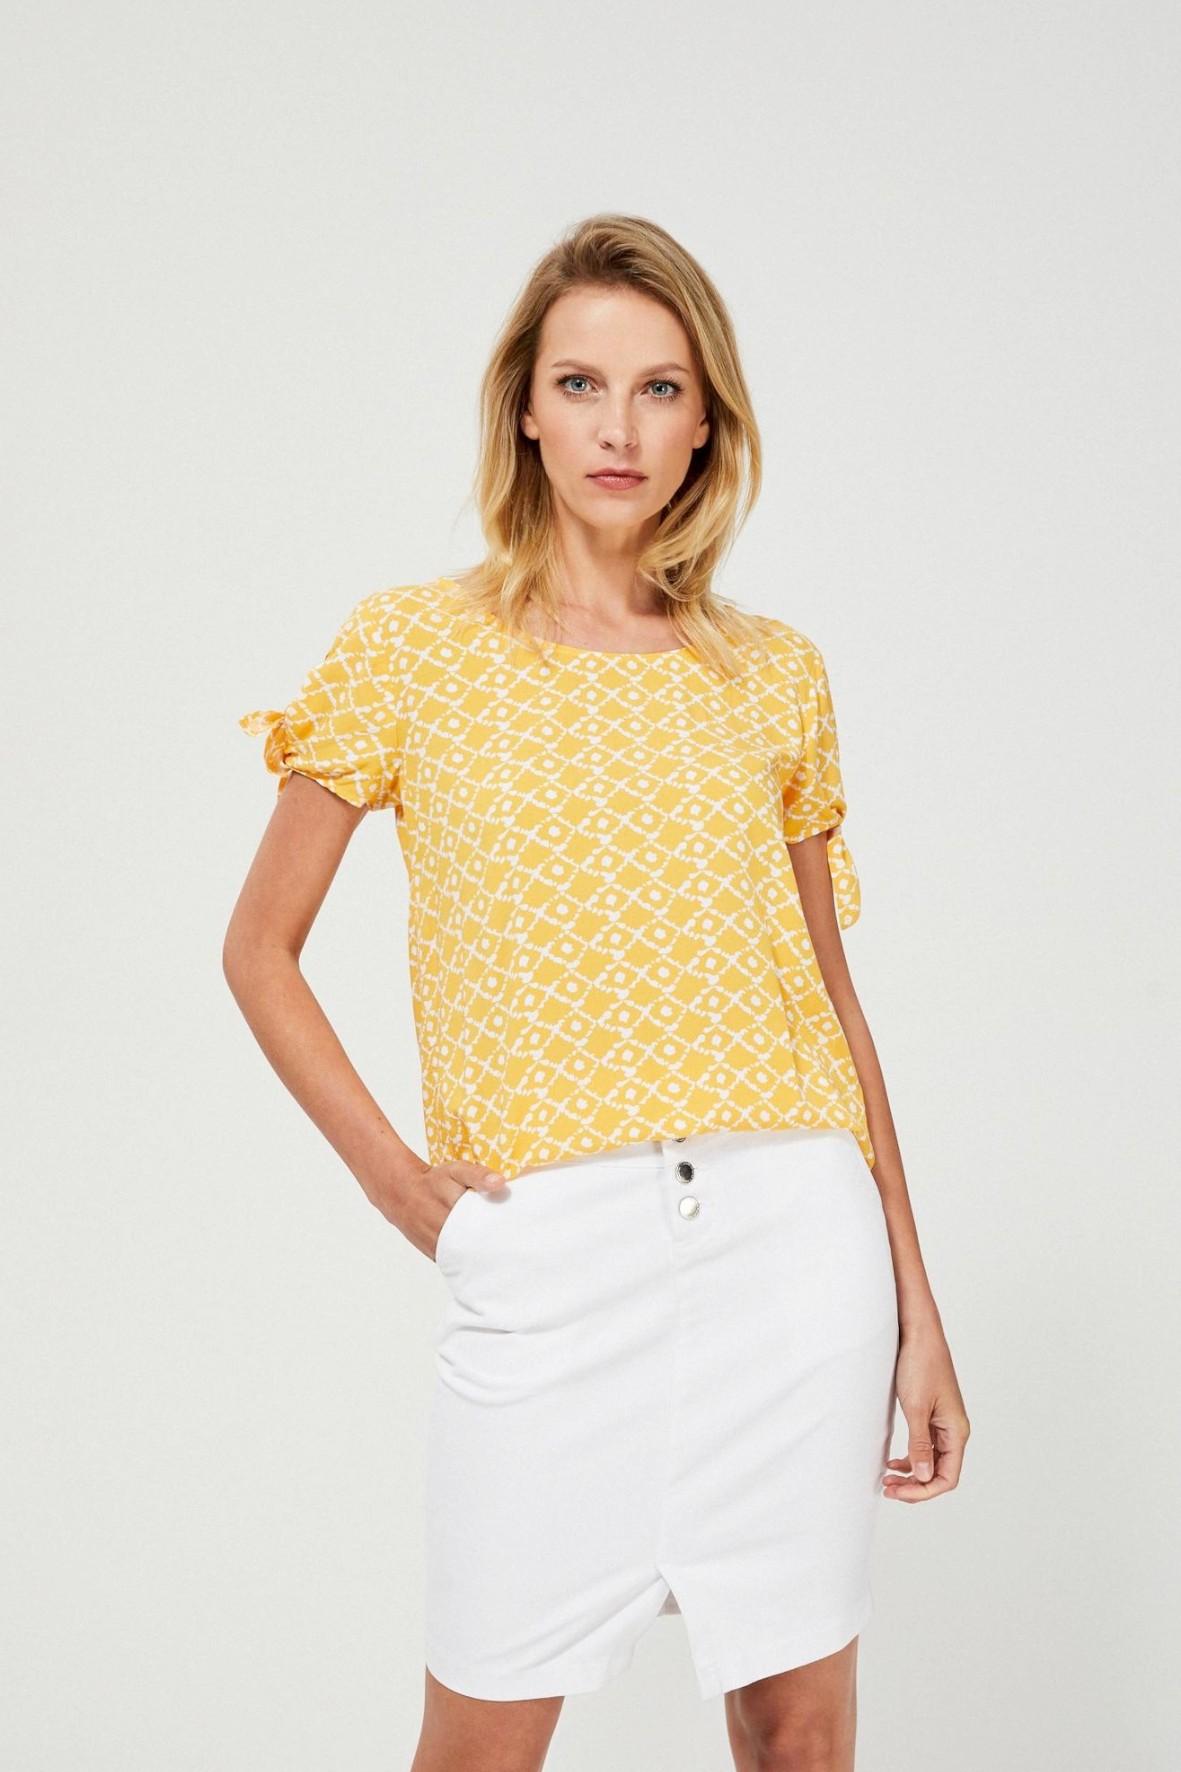 Bluzka damska koszulowa z wiązaniem przy rękawach żółta